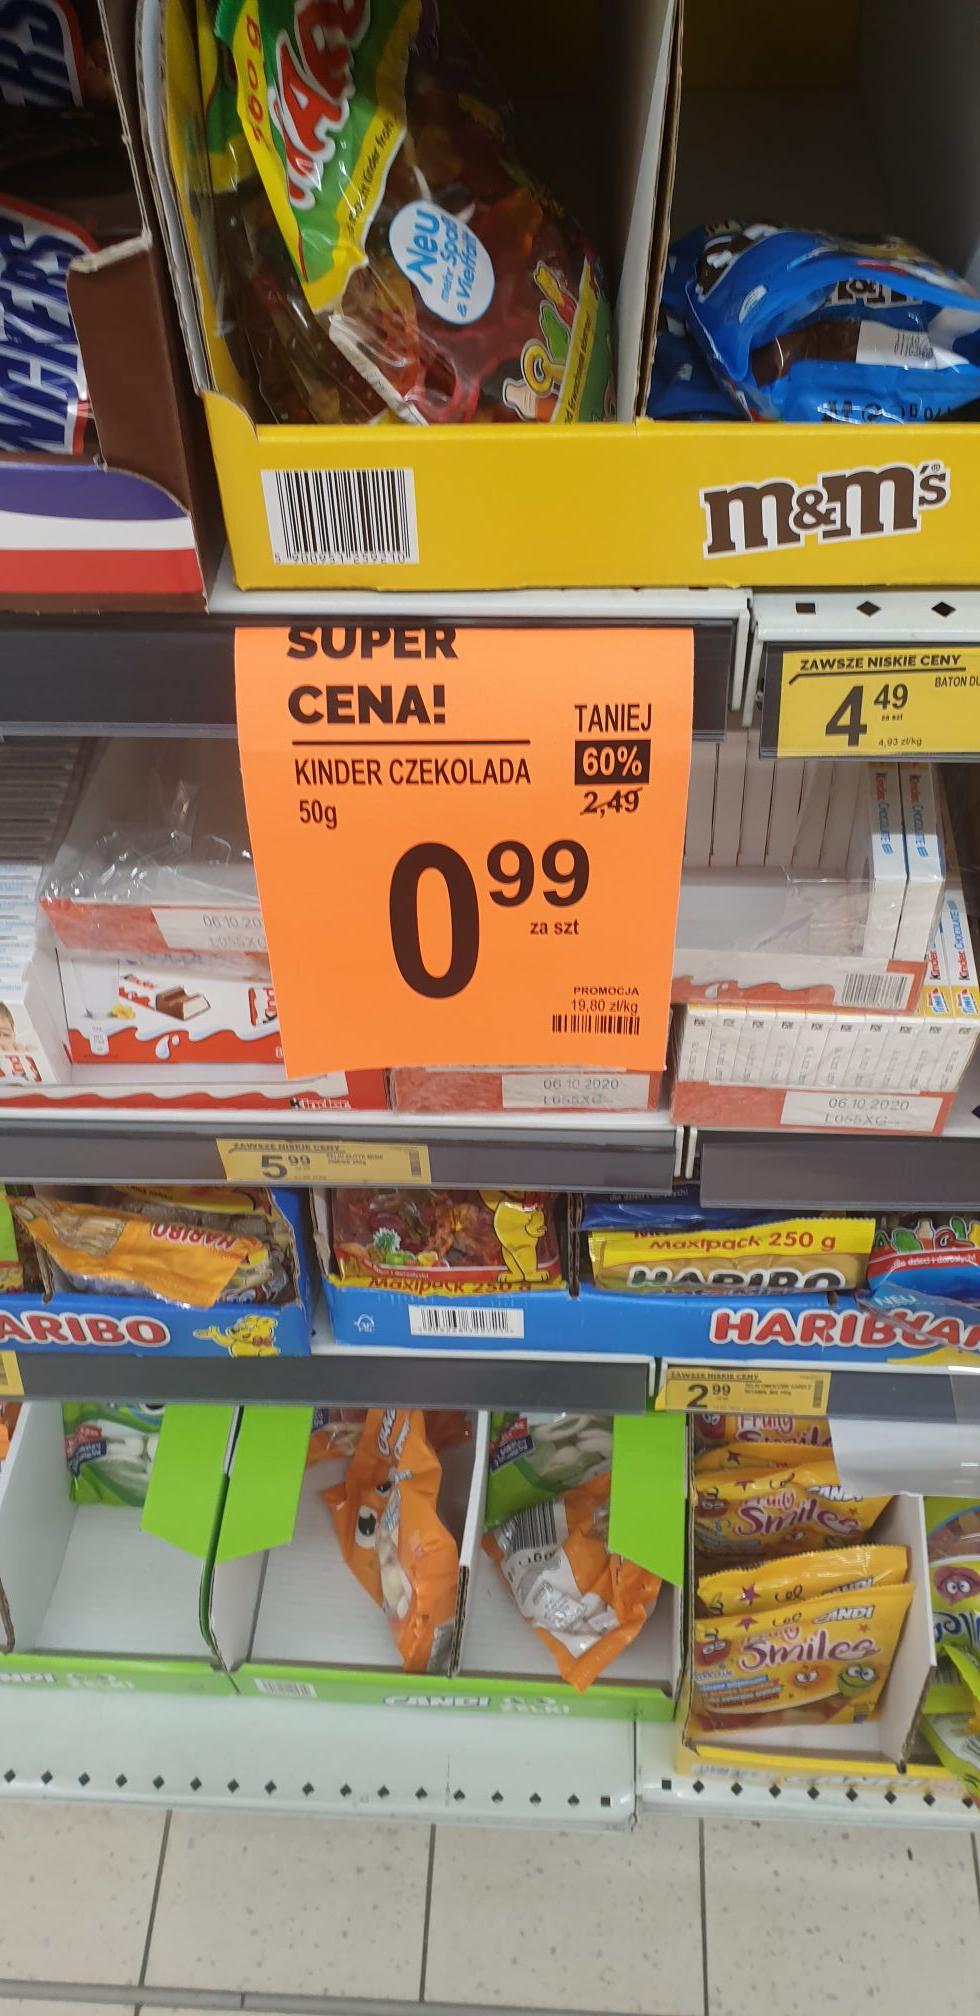 Kinder czekolada za 0,99zl